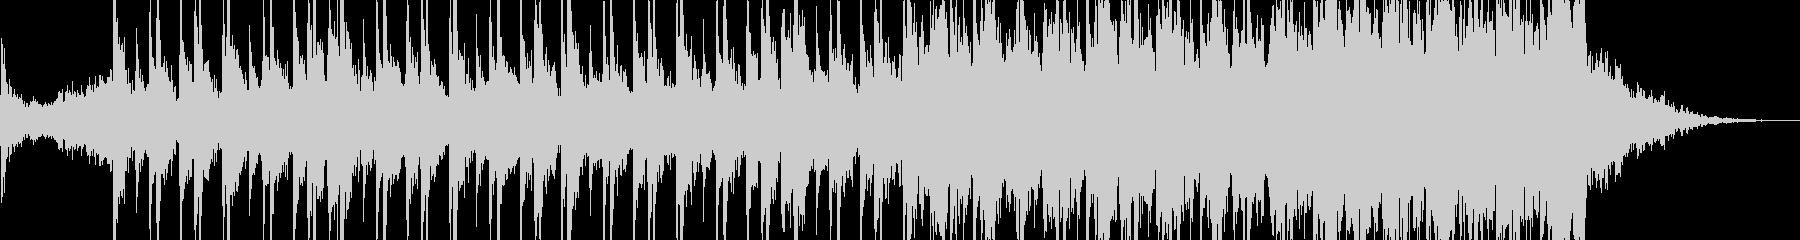 ジャジー、ブレイクビーツ、グルーブの未再生の波形